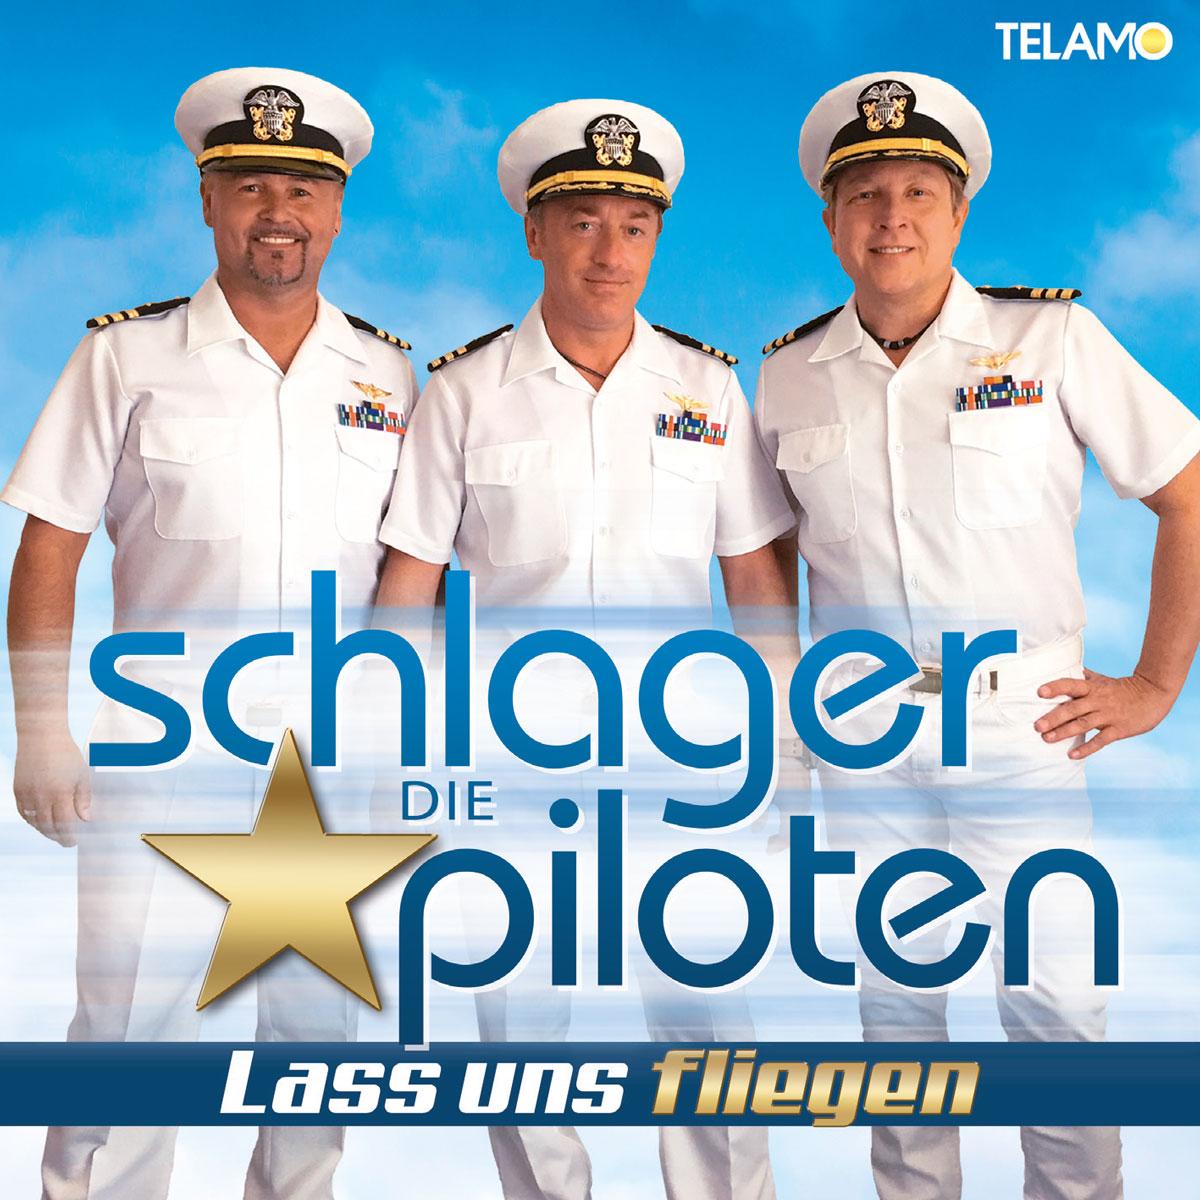 Die Schlagerpiloten - Lass uns fliegen Album Cover